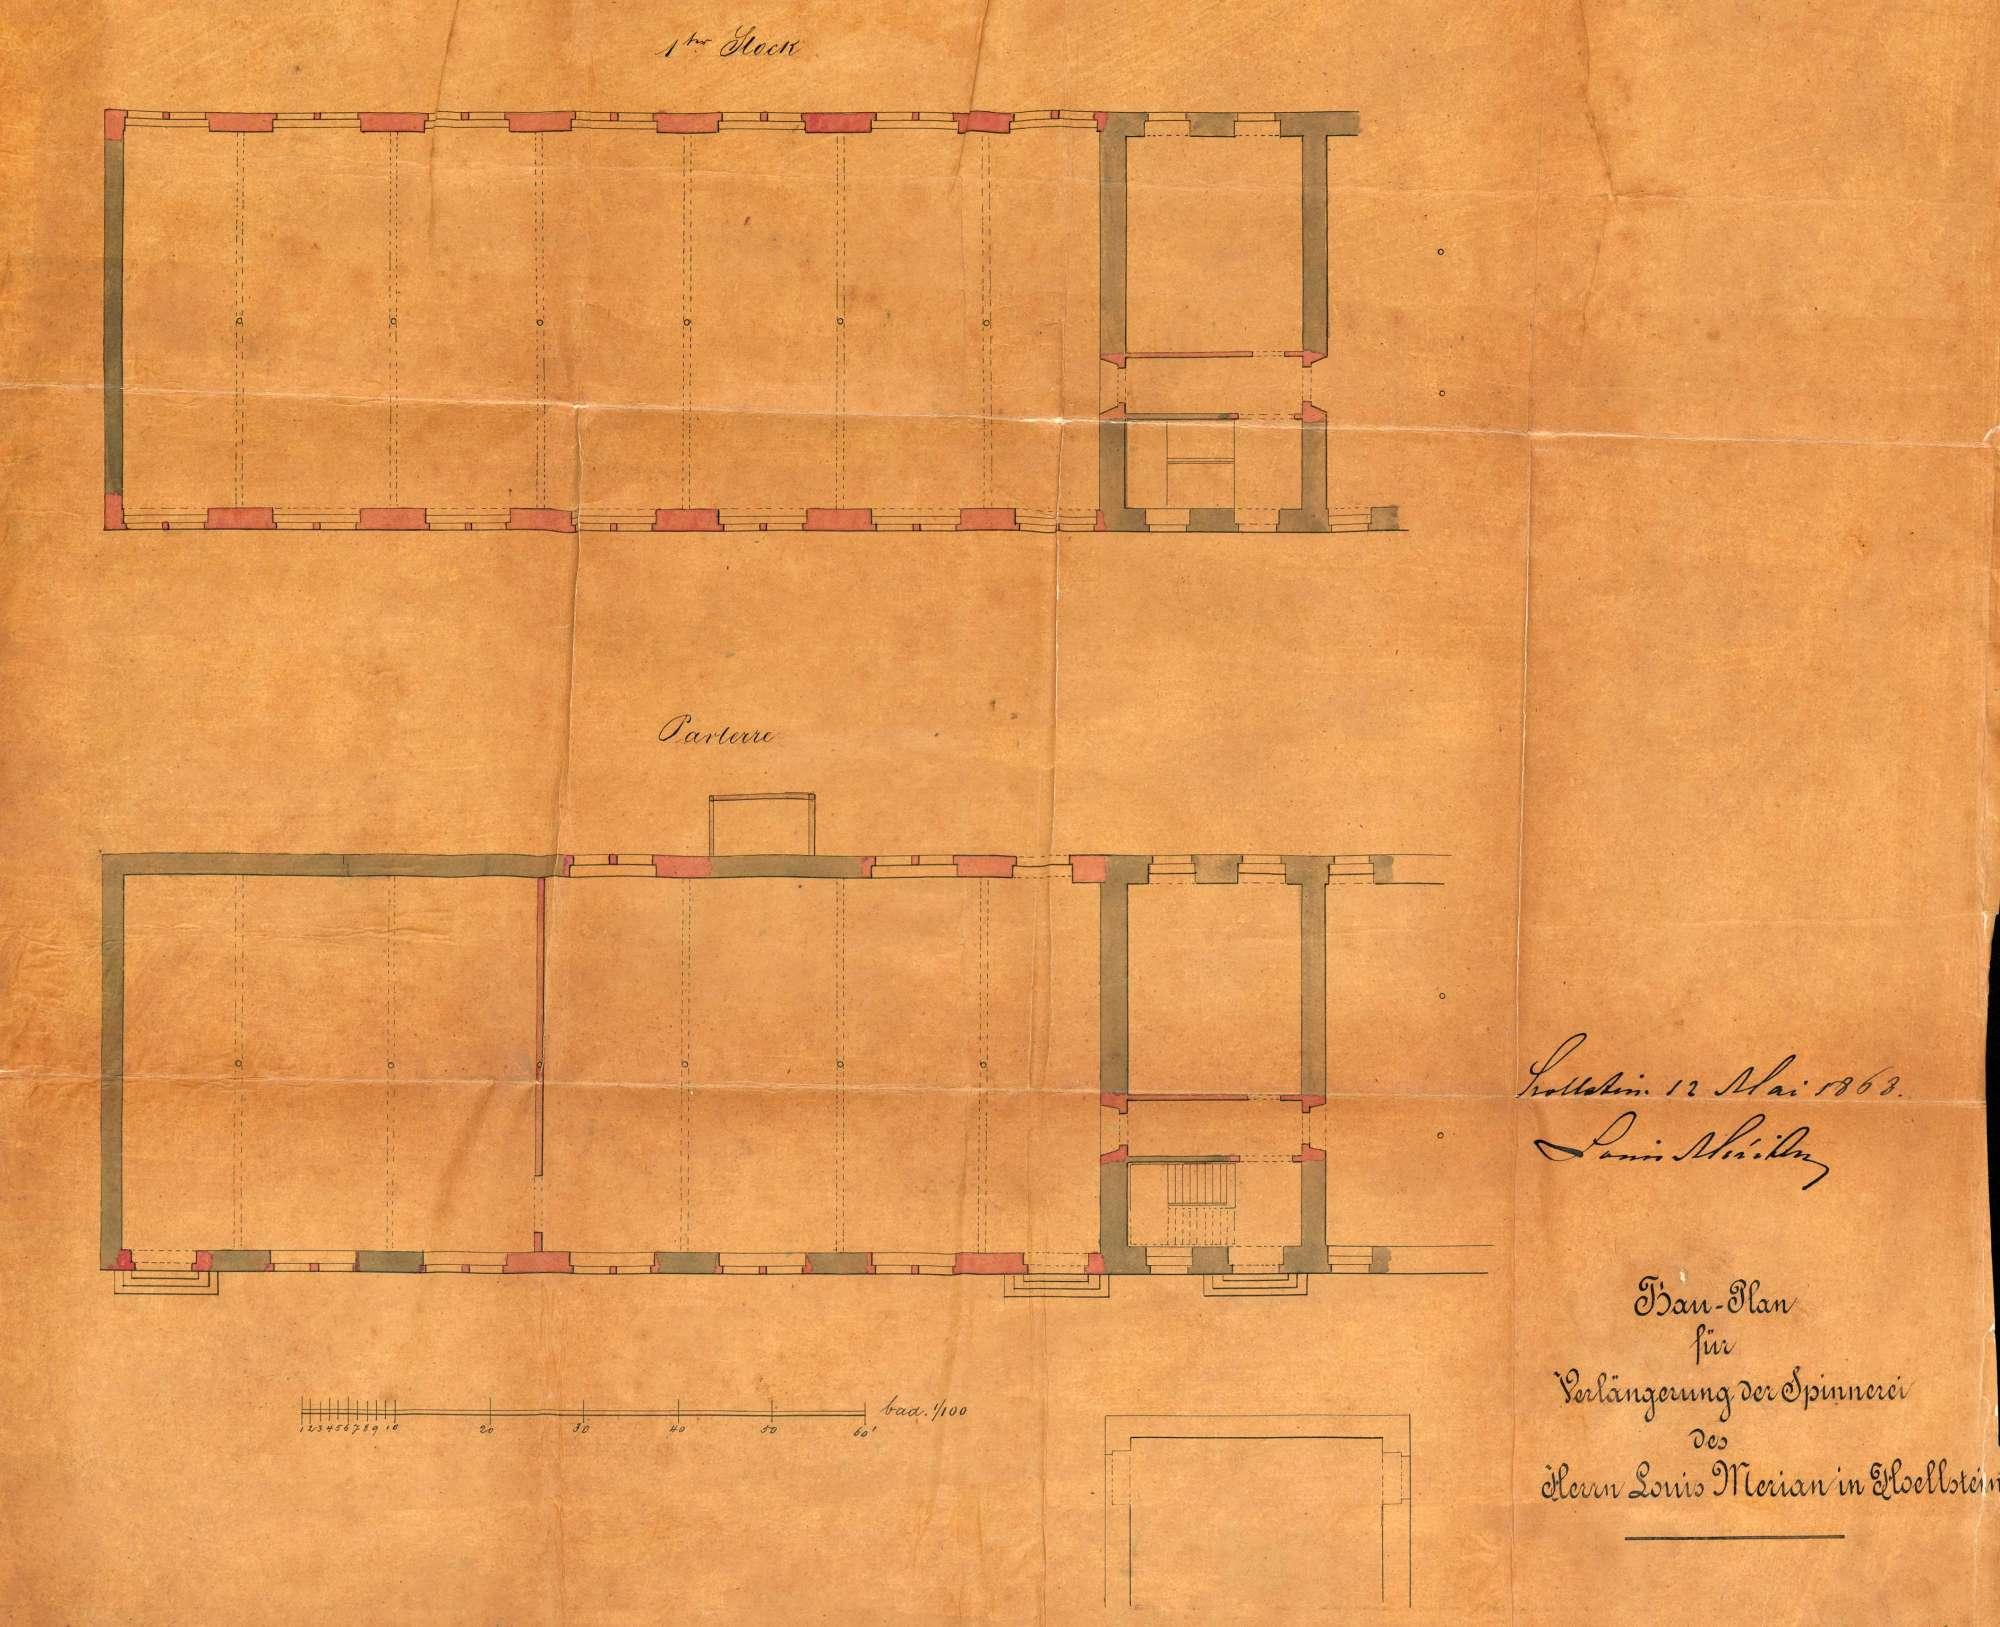 Erwerb von Liegenschaften durch Louis Merian von Basel zur Errichtung einer Maschinenfabrik in Höllstein; Um- und Erweiterungsbauten an der Fabrik, Bild 2